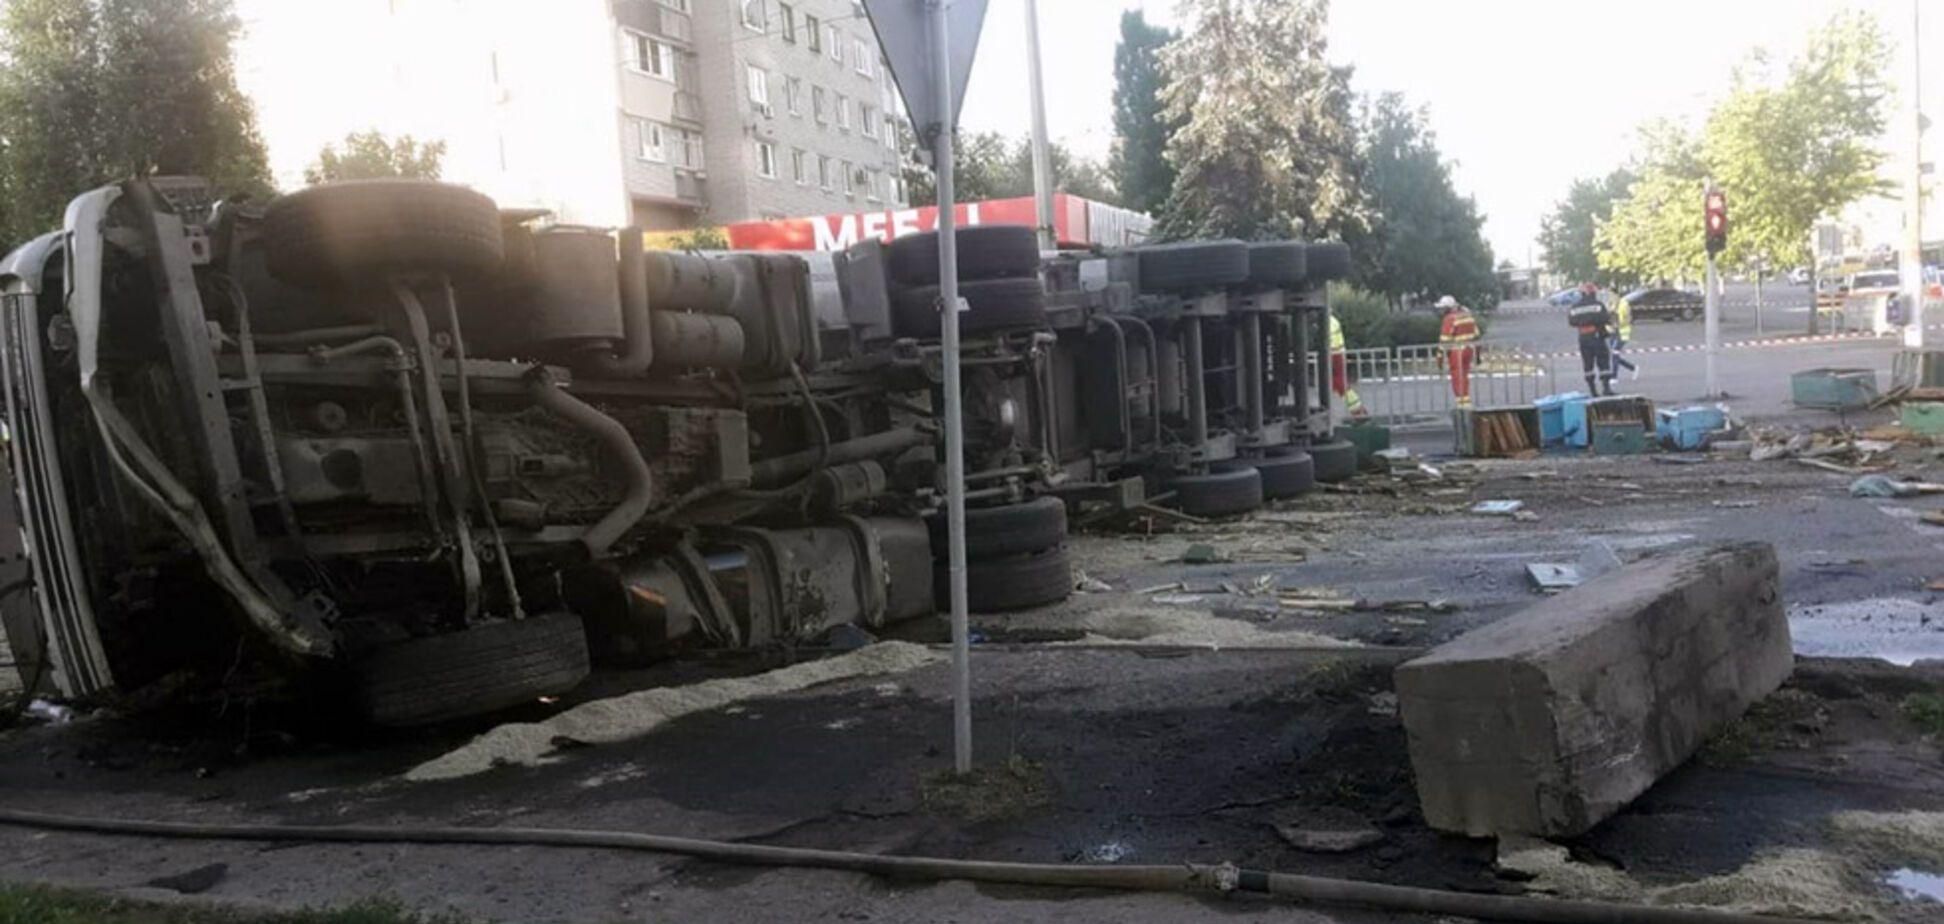 В Днепре столкнулись грузовик и микроавтобус: среди погибших есть ребенок. Фото аварии